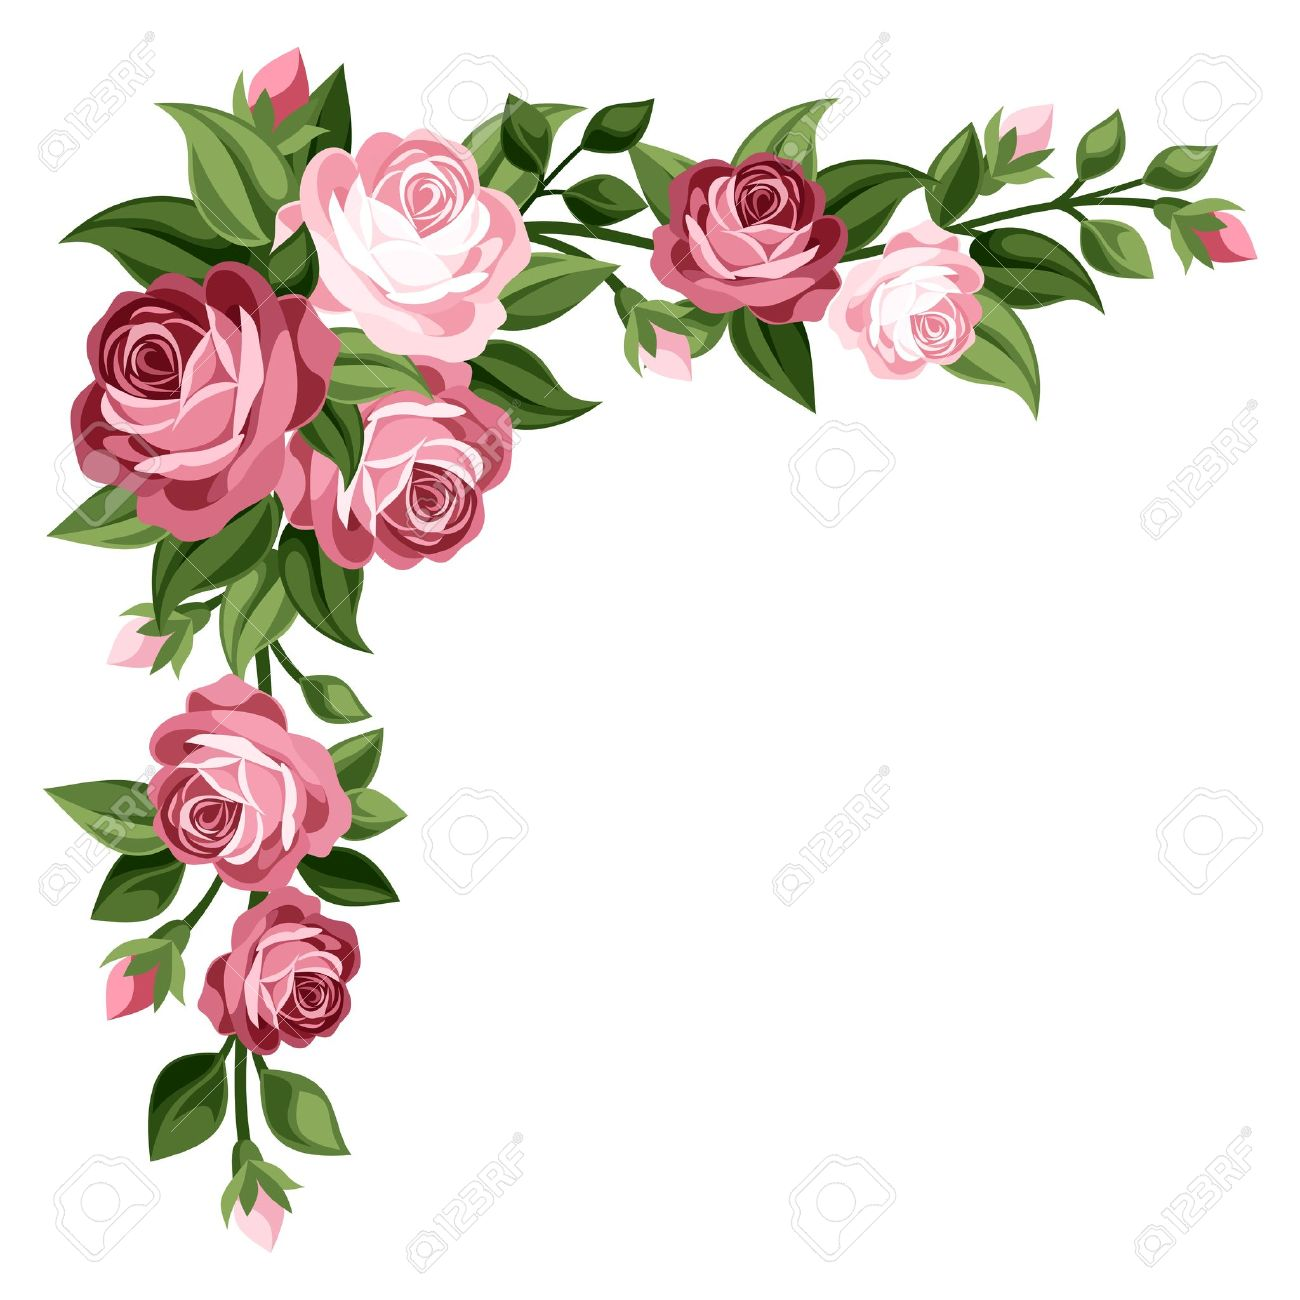 Regala flores al forer@ de arriba                 - Página 2 21498078-Rosas-de-la-vendimia-rosas-capullos-de-rosa-y-hojas-de-ilustraci-n-Foto-de-archivo